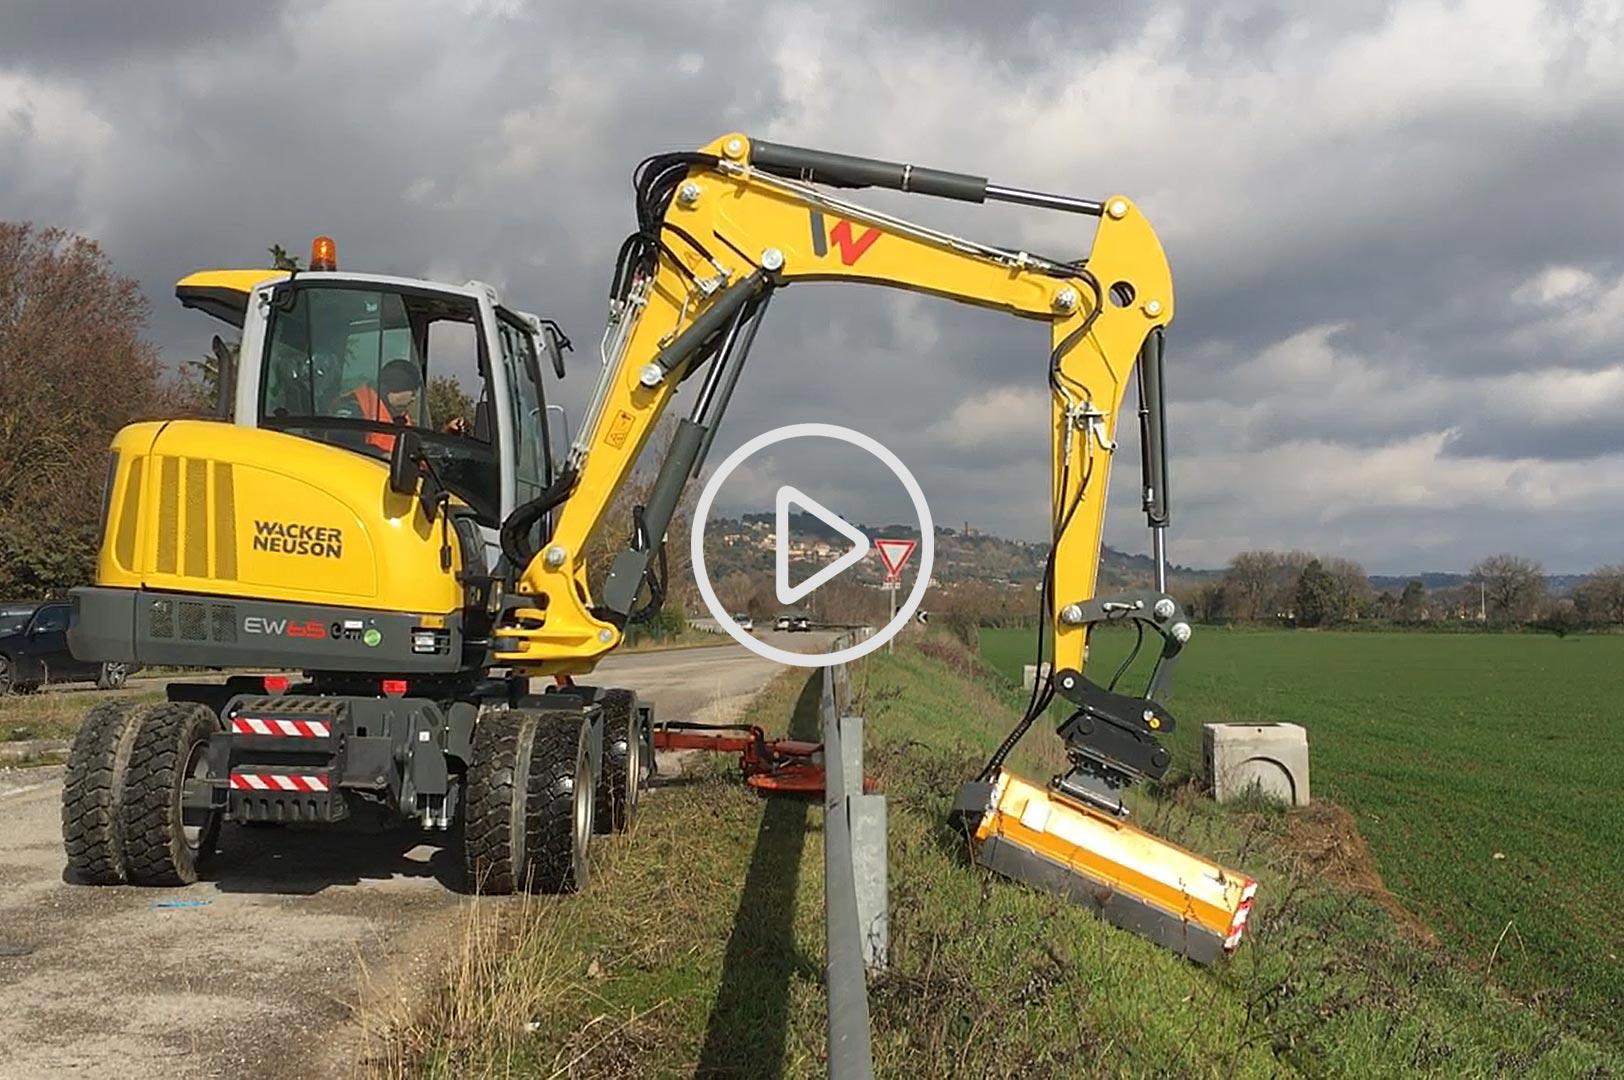 escavatore gommato wacker-neuson-ew65 manutenzione stradale